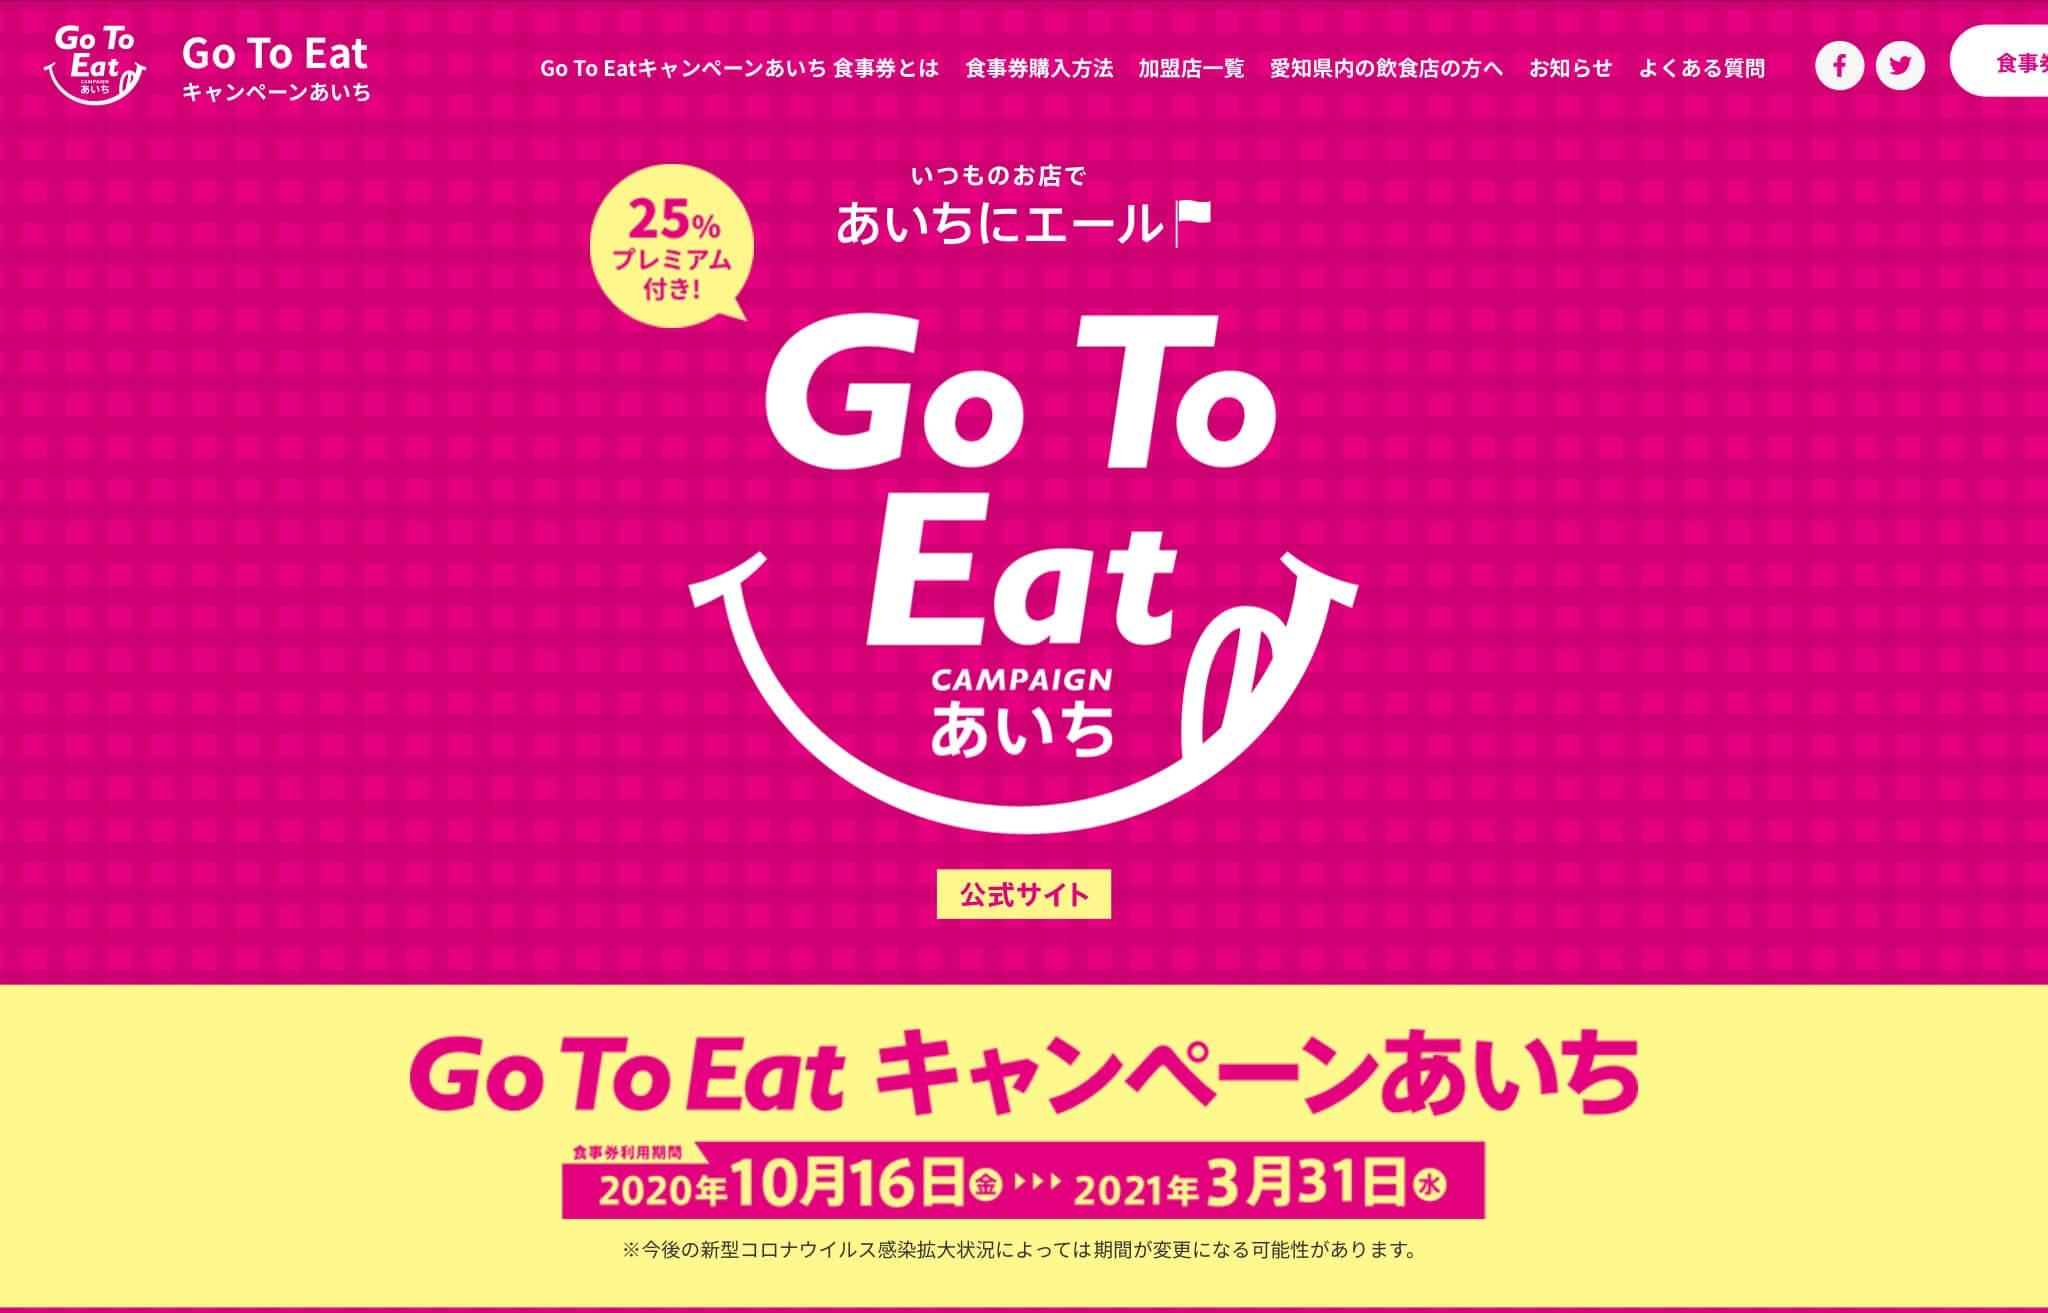 Go To Eat キャンペーンあいち 加盟店です